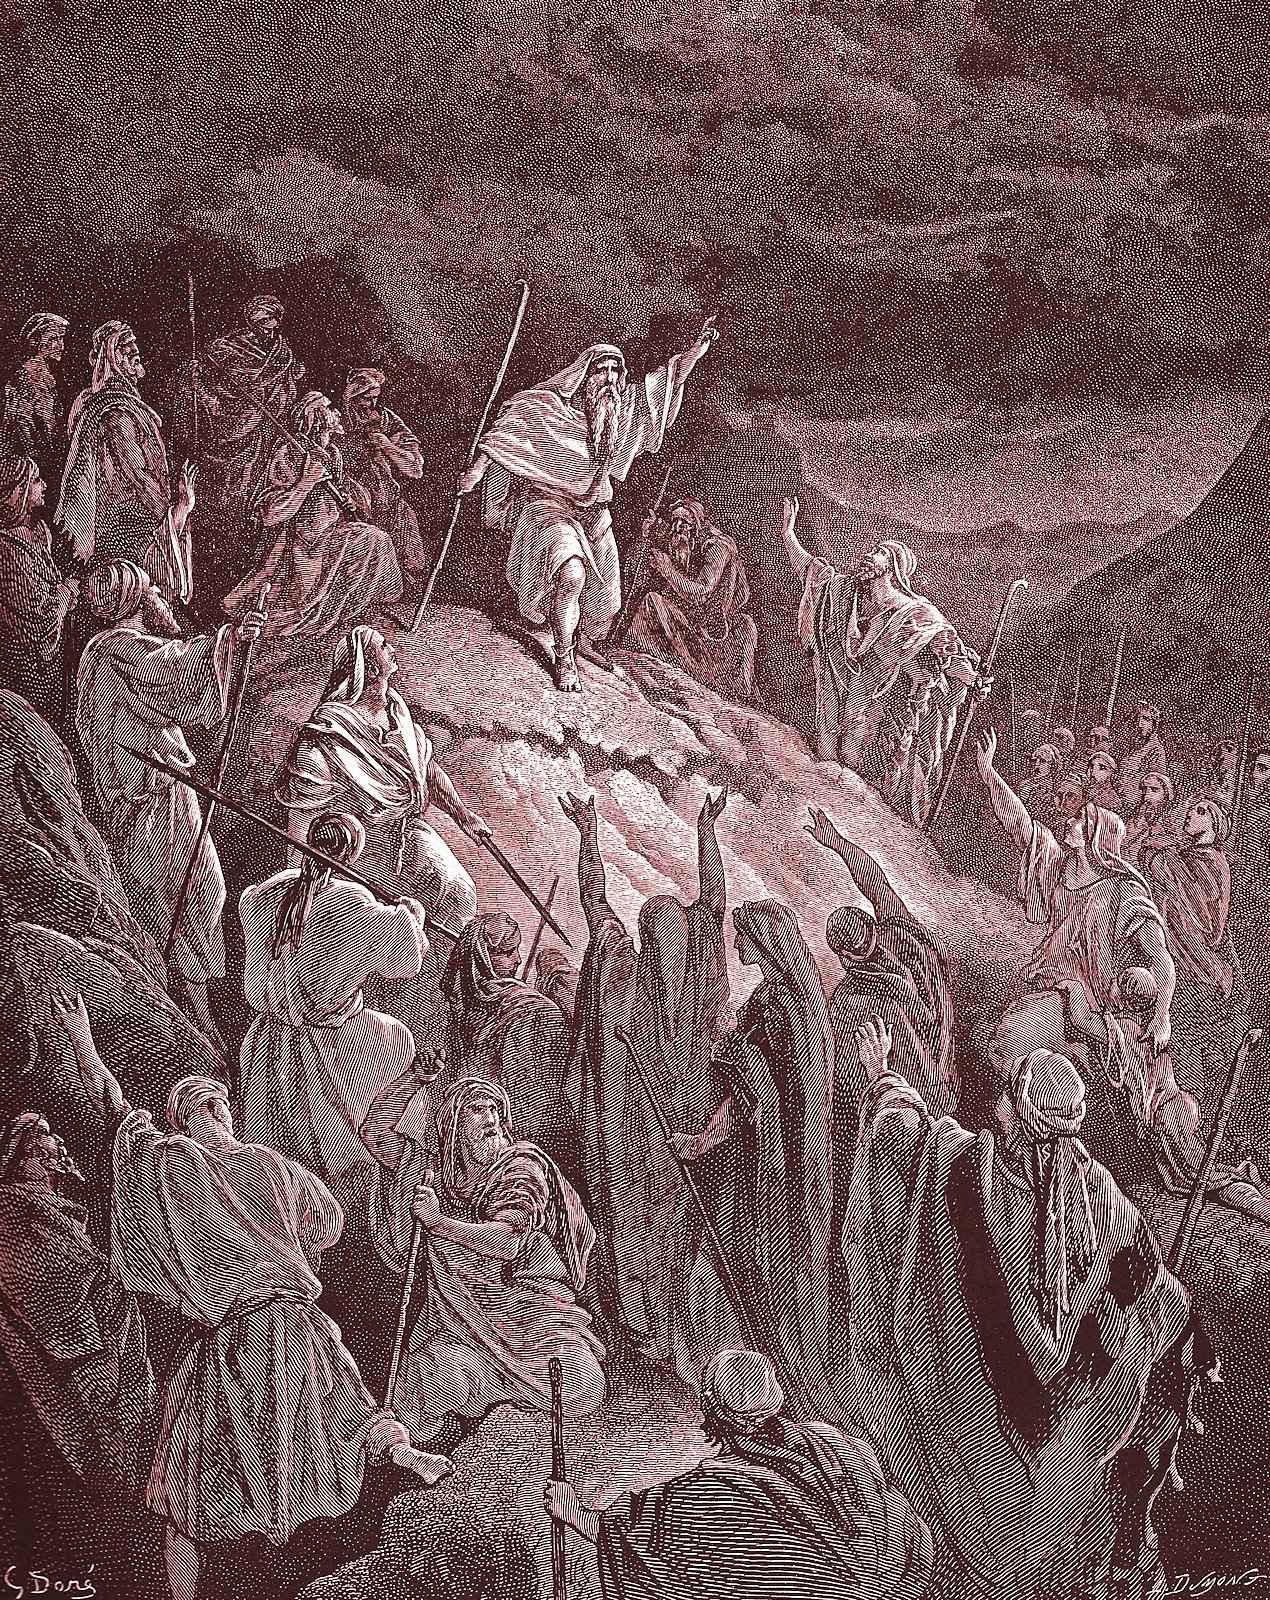 Matatias exorta os judeus inconformados a resistir contra o invasor pagão. Gustave Doré (1832 — 1883)